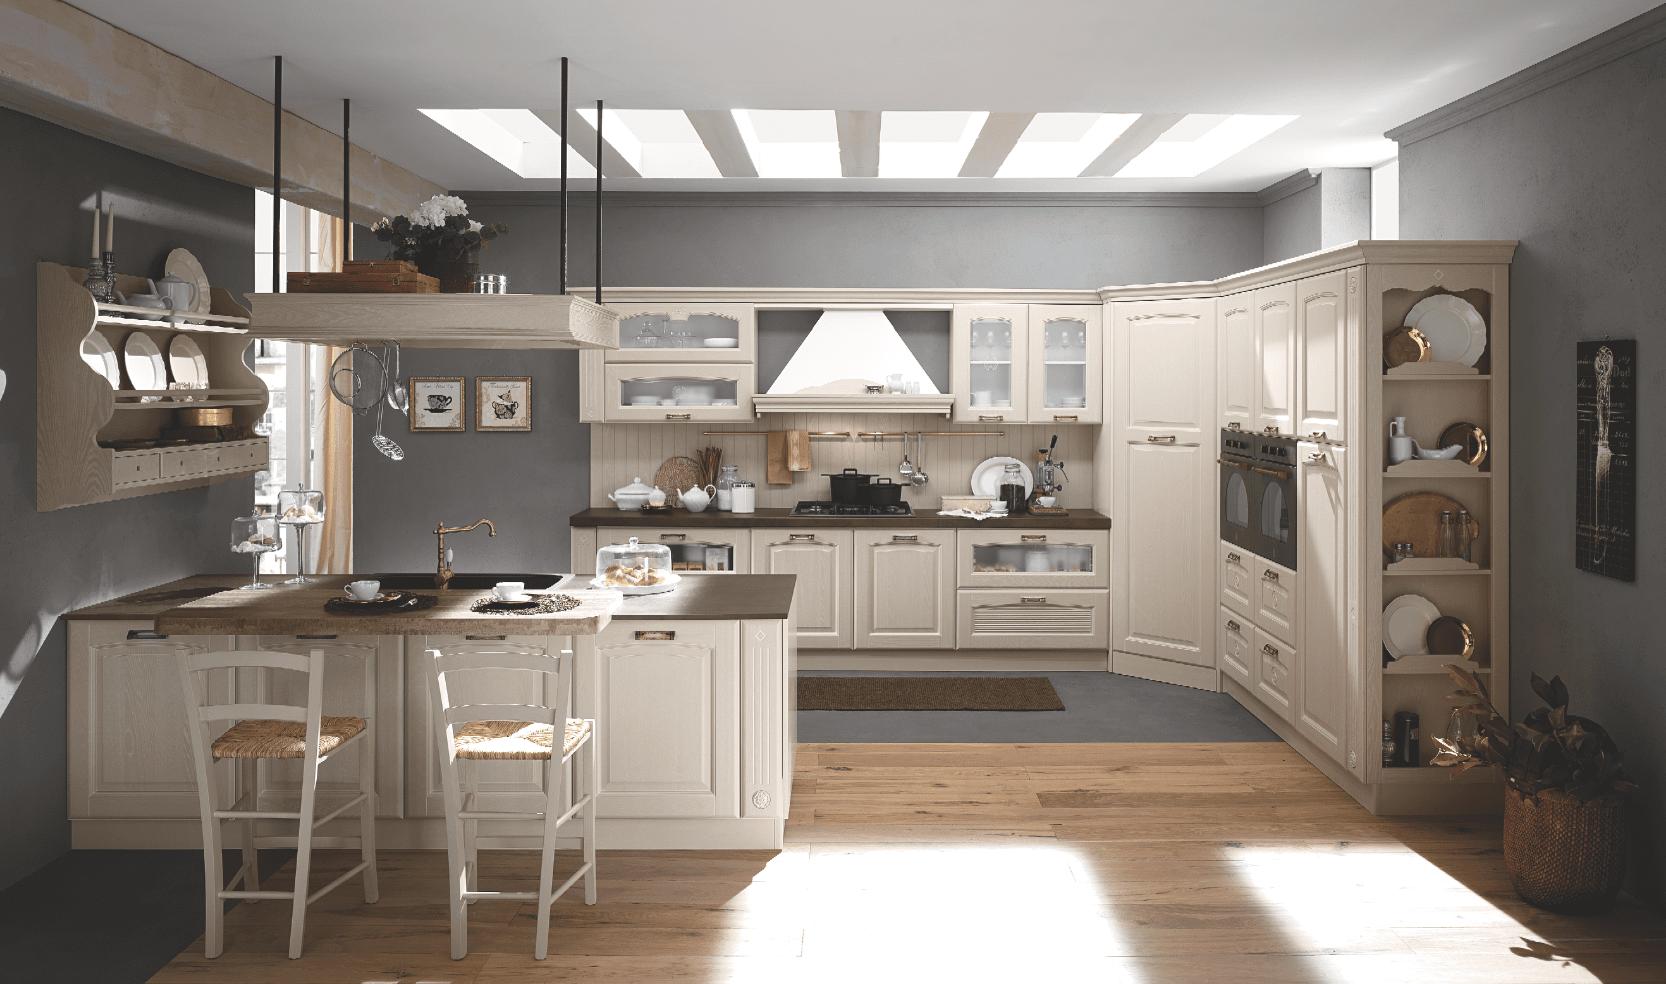 cucina classica o moderna: la funzionalità dipende dall ... - Cose Di Casa Cucine